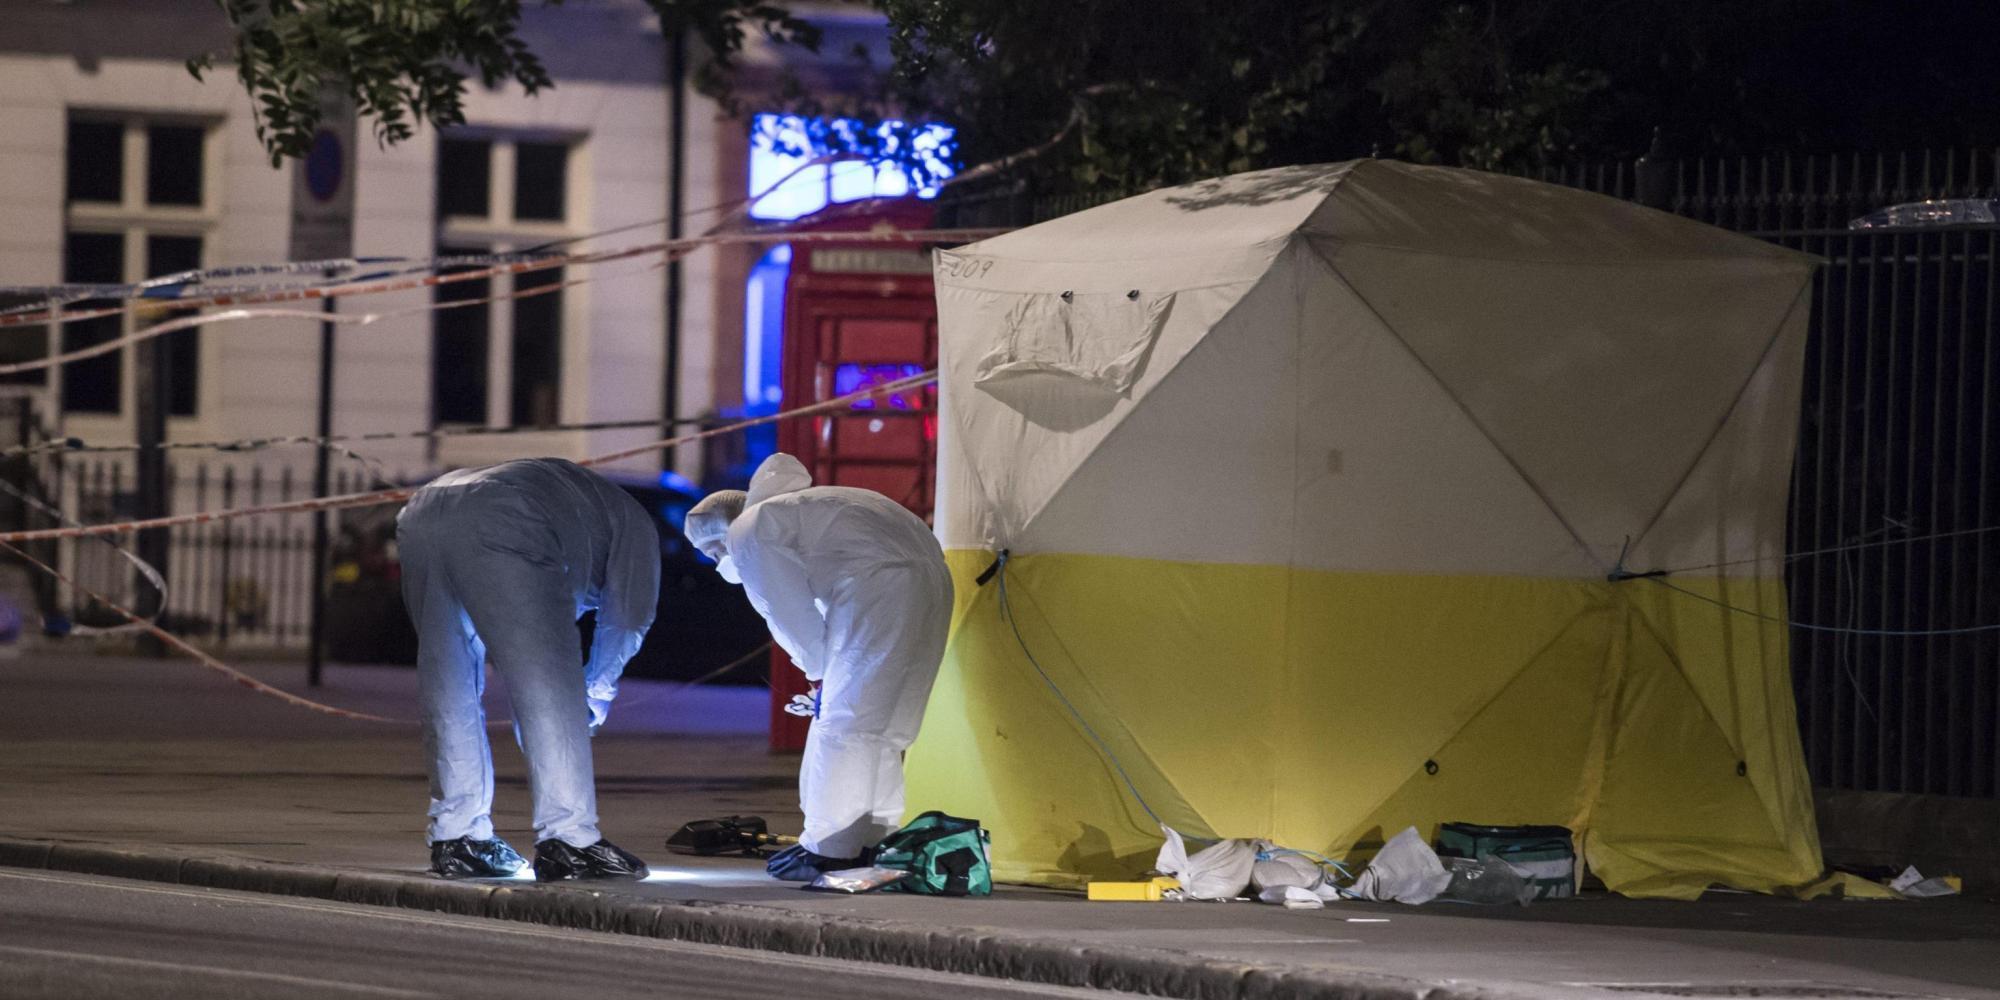 Londra, attentatore Russell Square ha problemi di mente